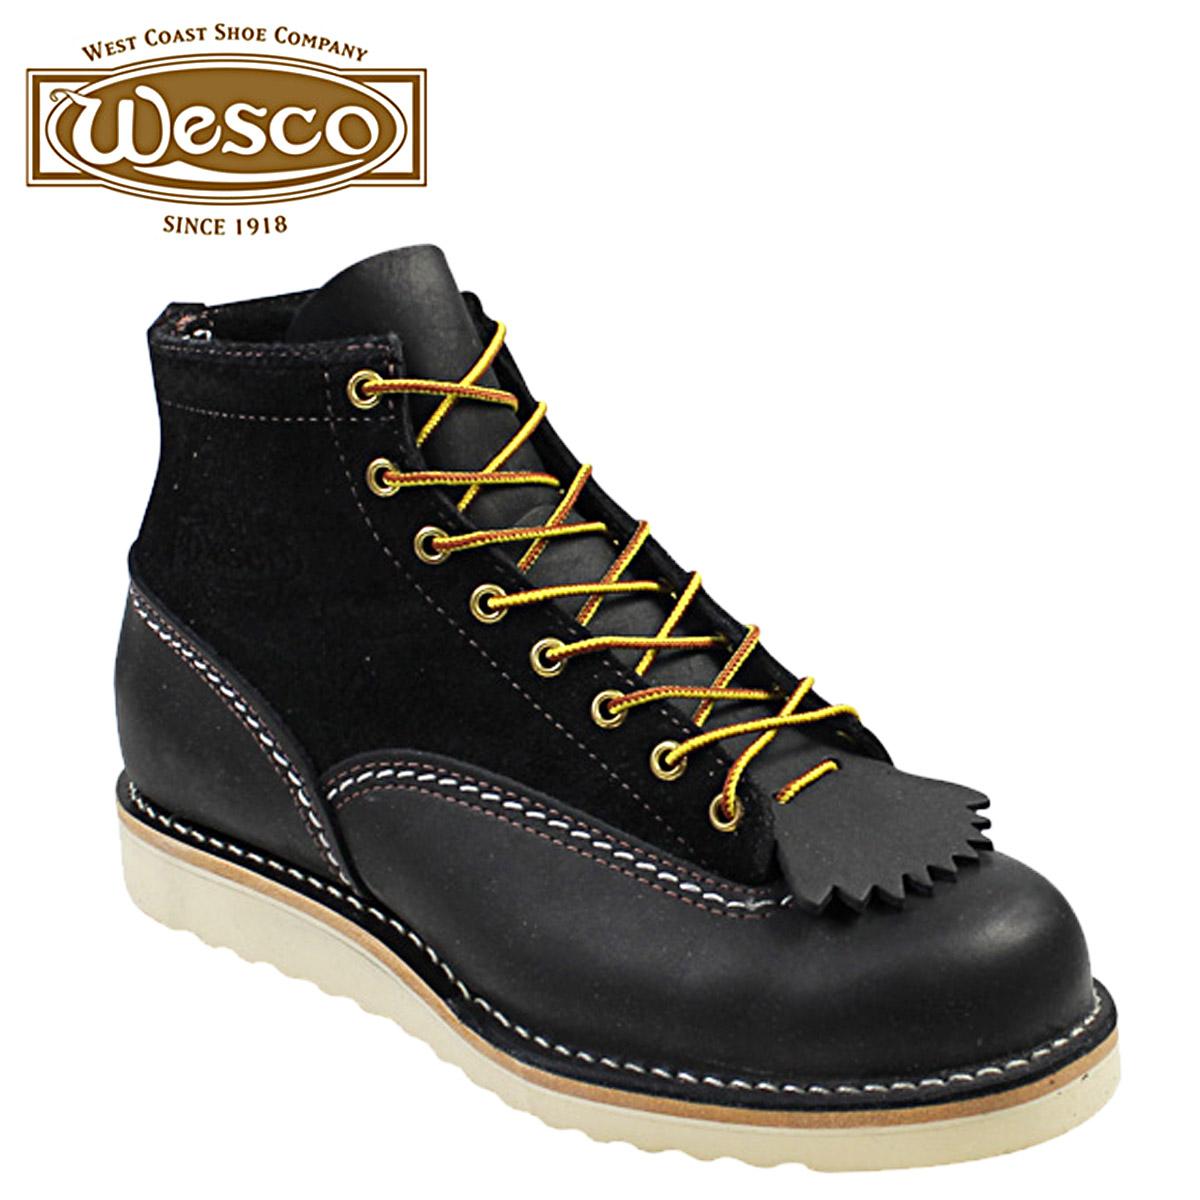 ウエスコ ジョブマスター WESCO ブーツ 6インチ カスタム 6INCH CUSTOM JOBMASTER レザー スエード ブラック 1061010 ウェスコ メンズ